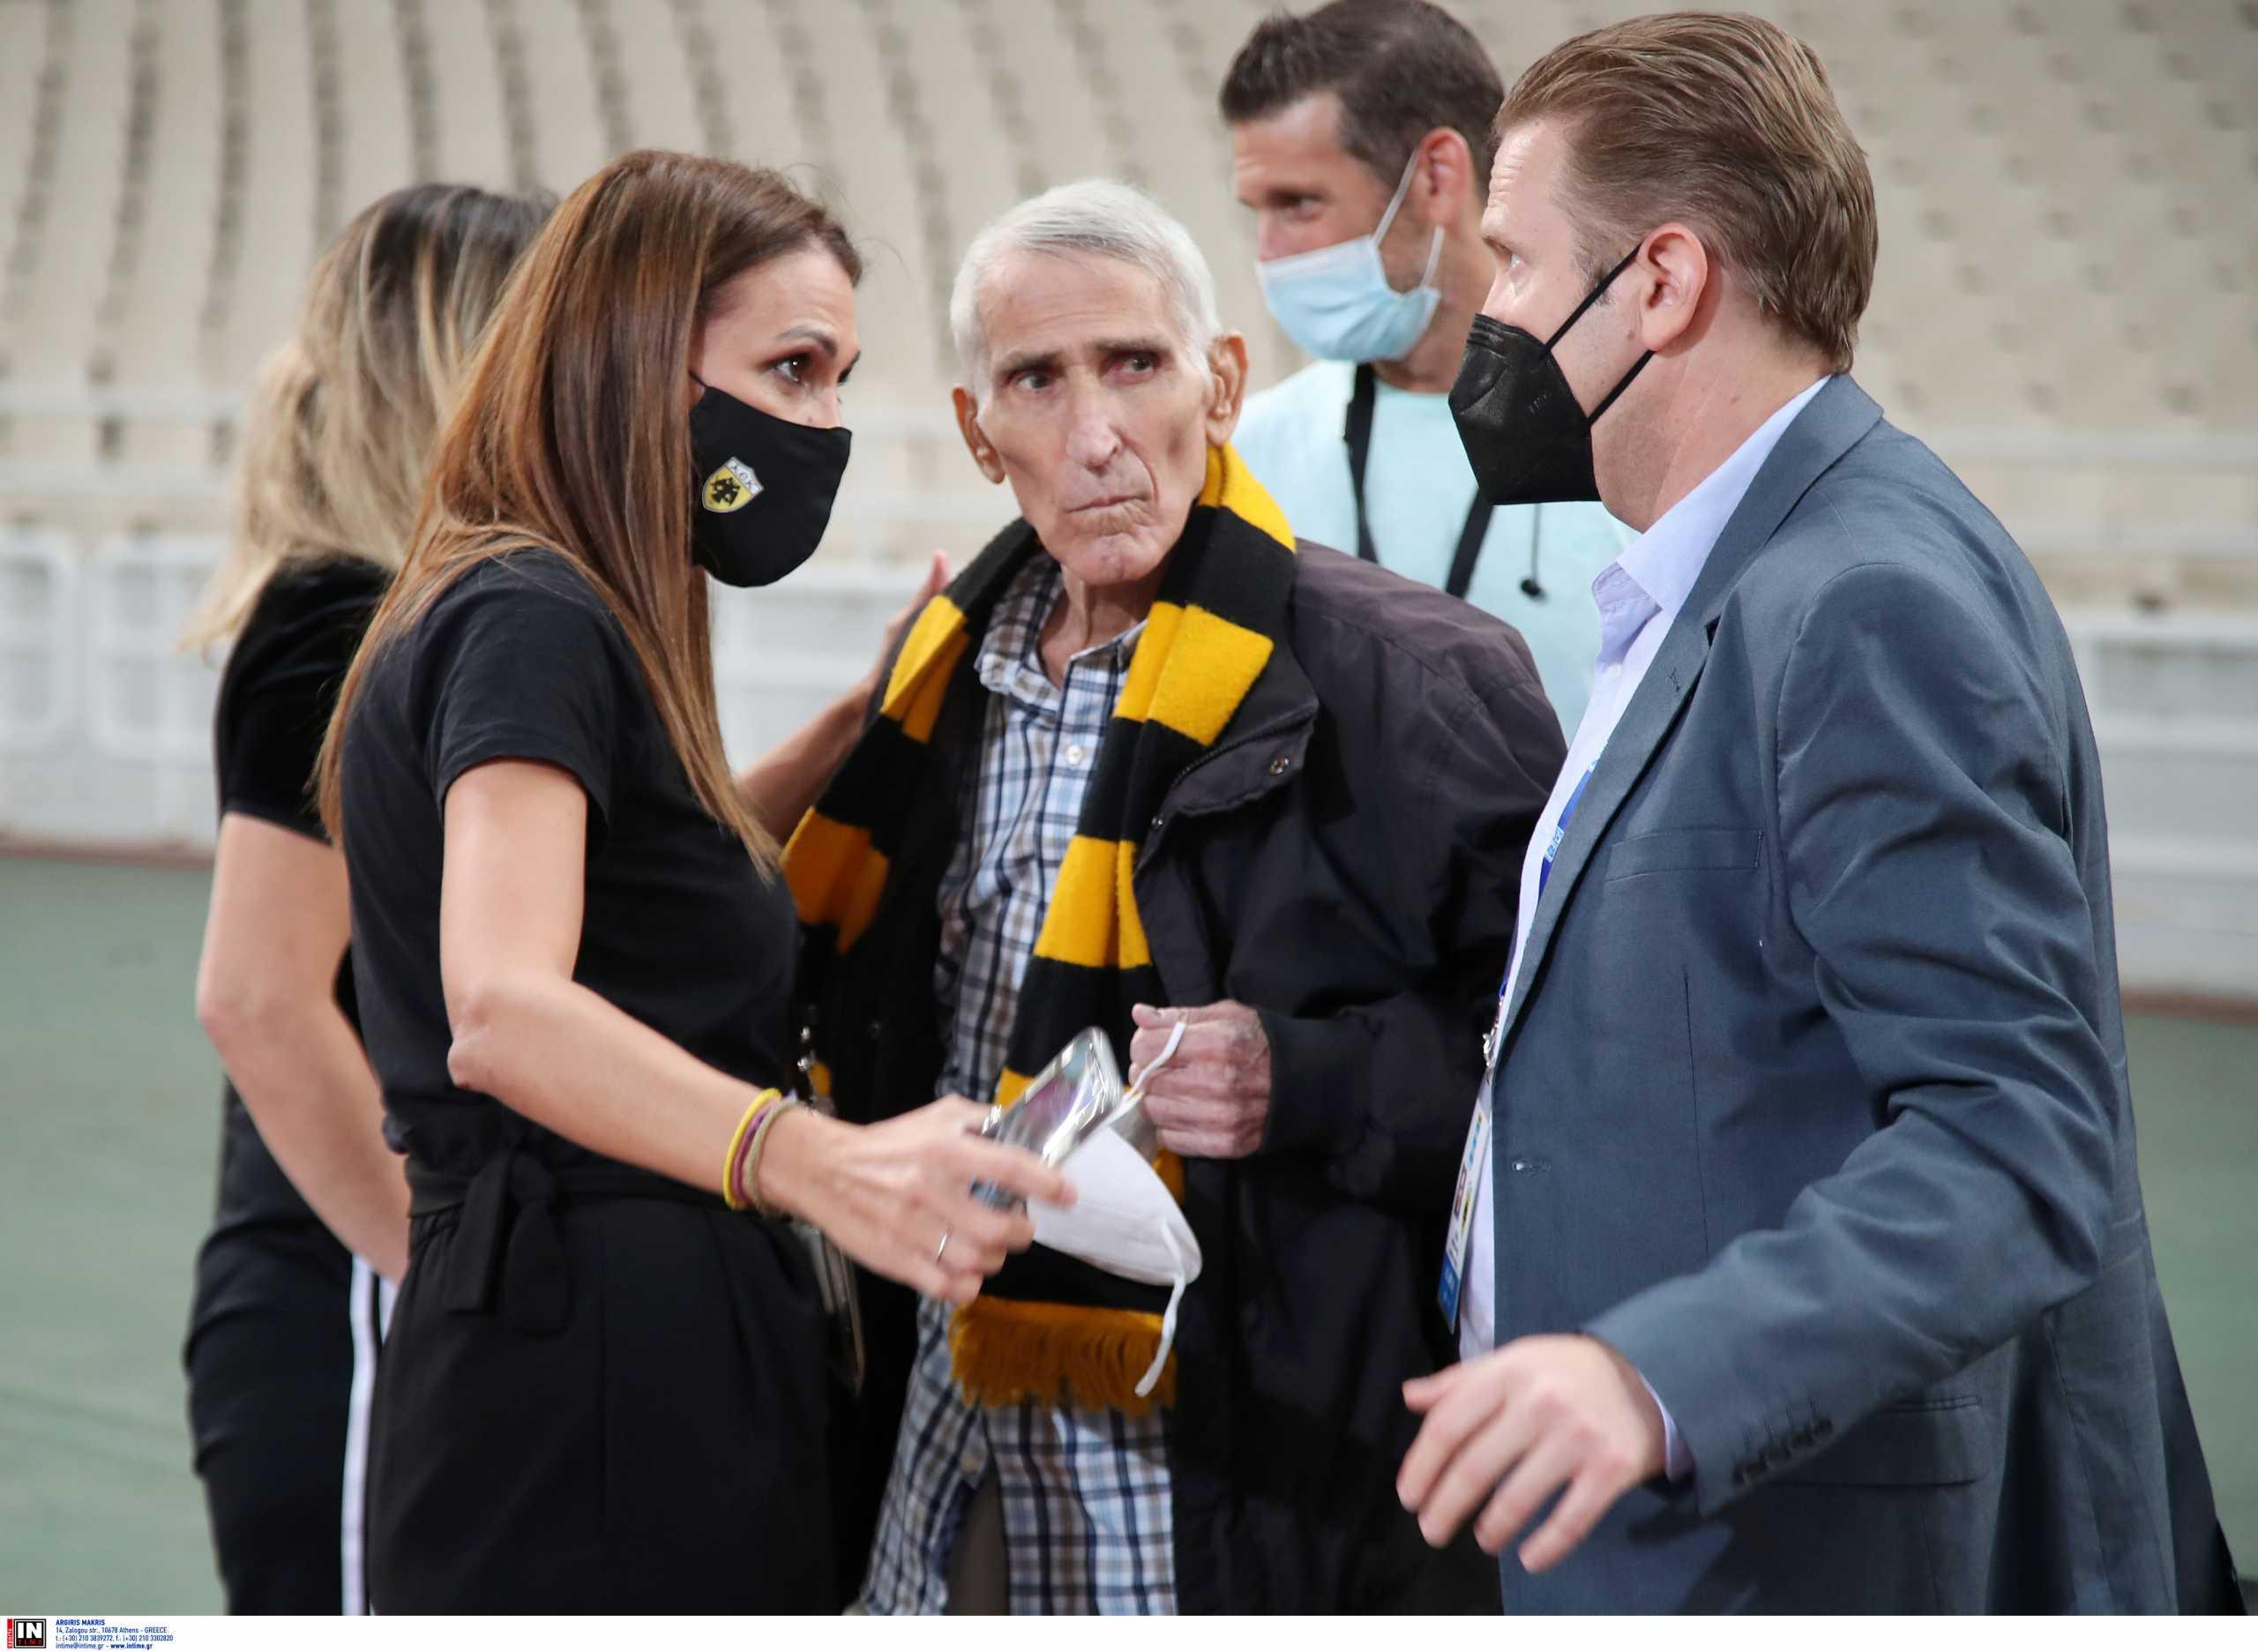 Στέλιος Σεραφείδης, ΑΕΚ – Λαμία: Από το νοσοκομείο στο ΟΑΚΑ για να δει την Ένωση